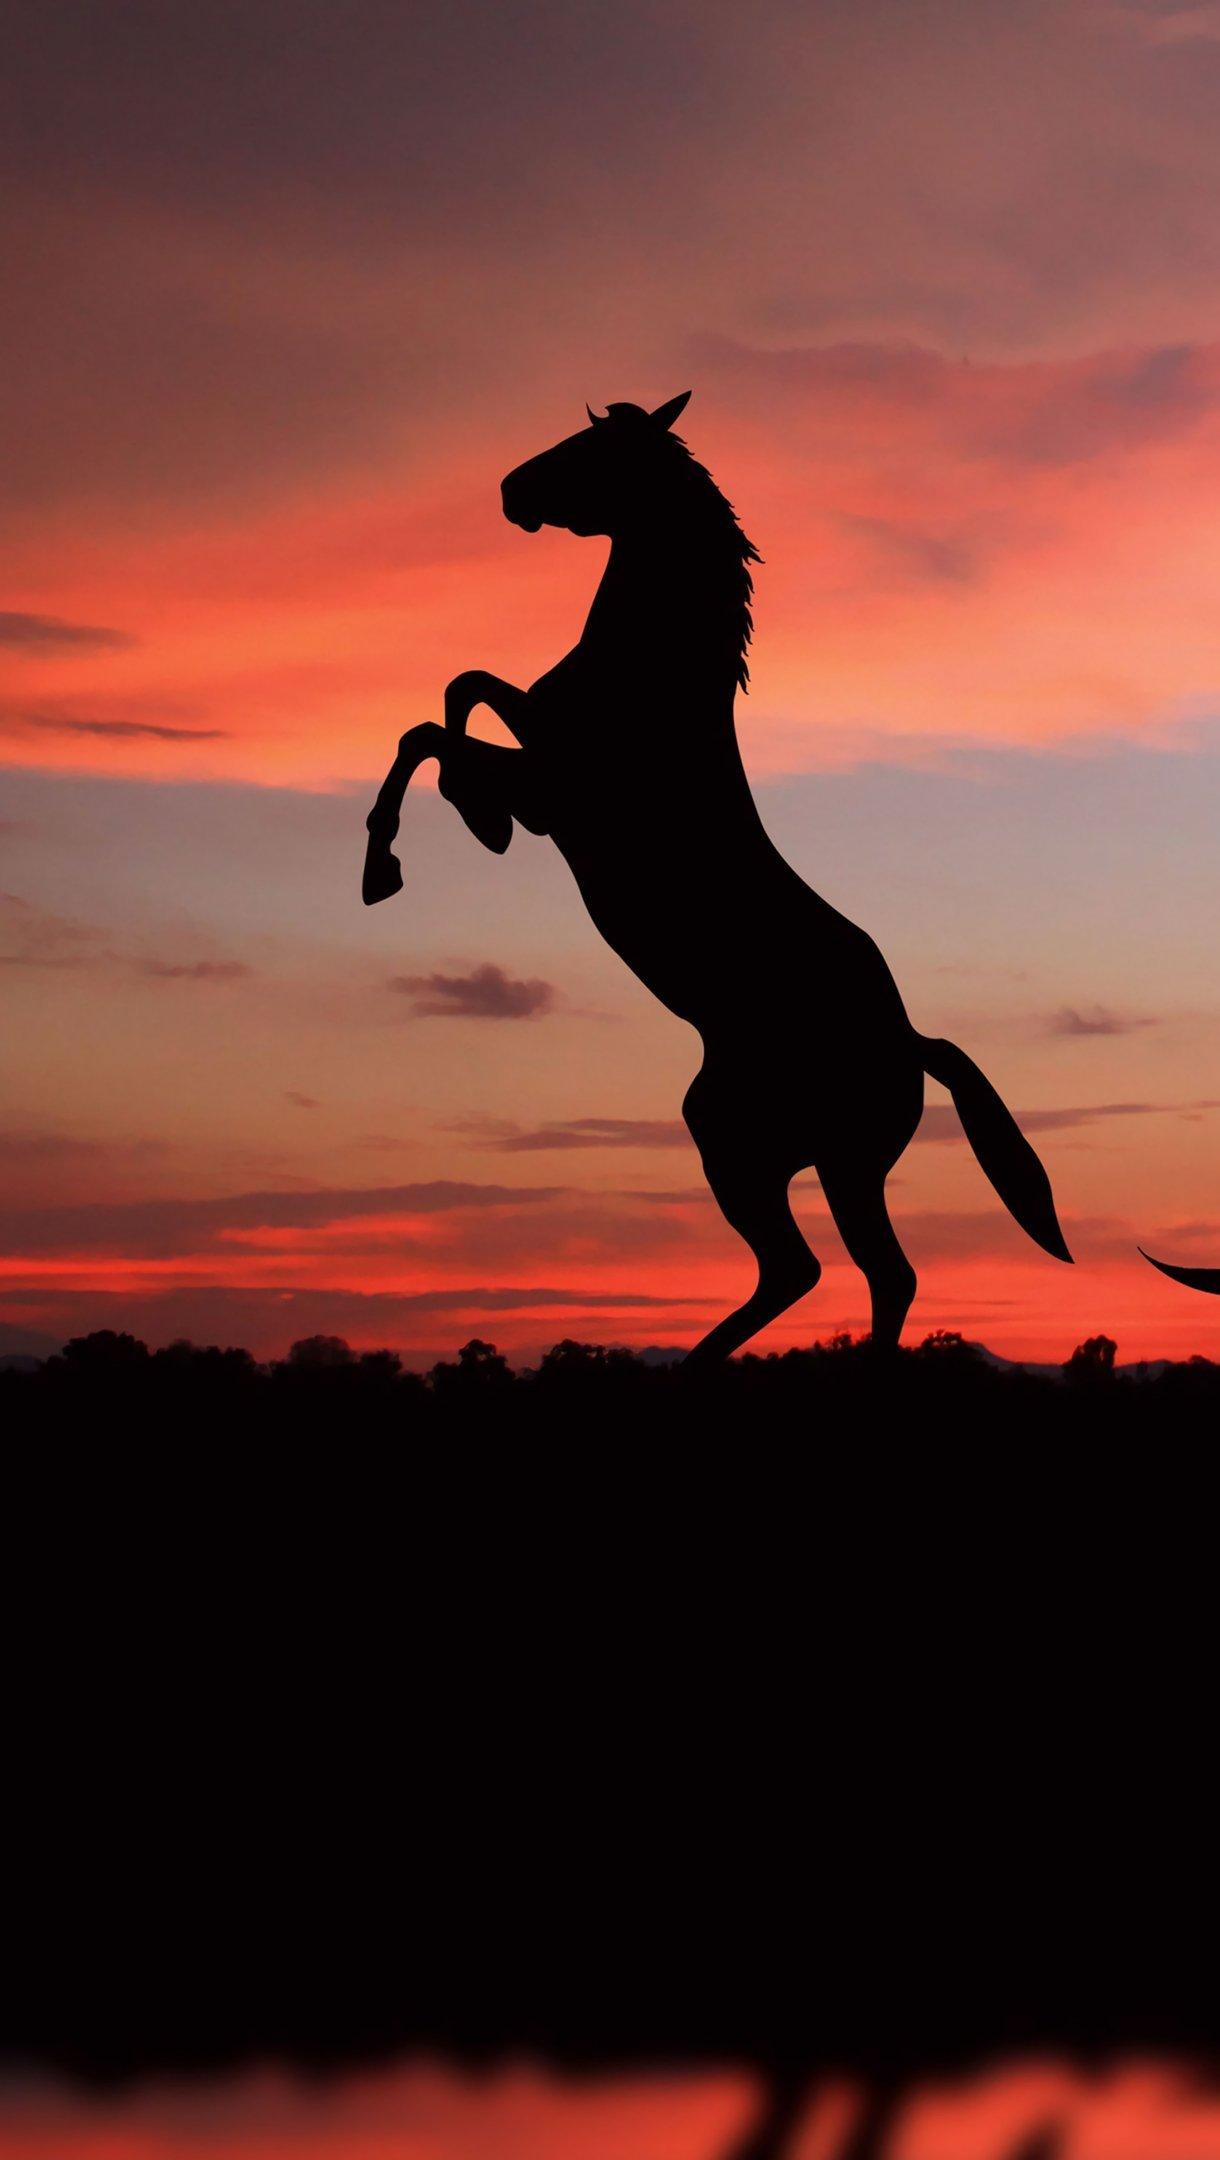 Fondos de pantalla Siluetas de caballos al atardecer Vertical